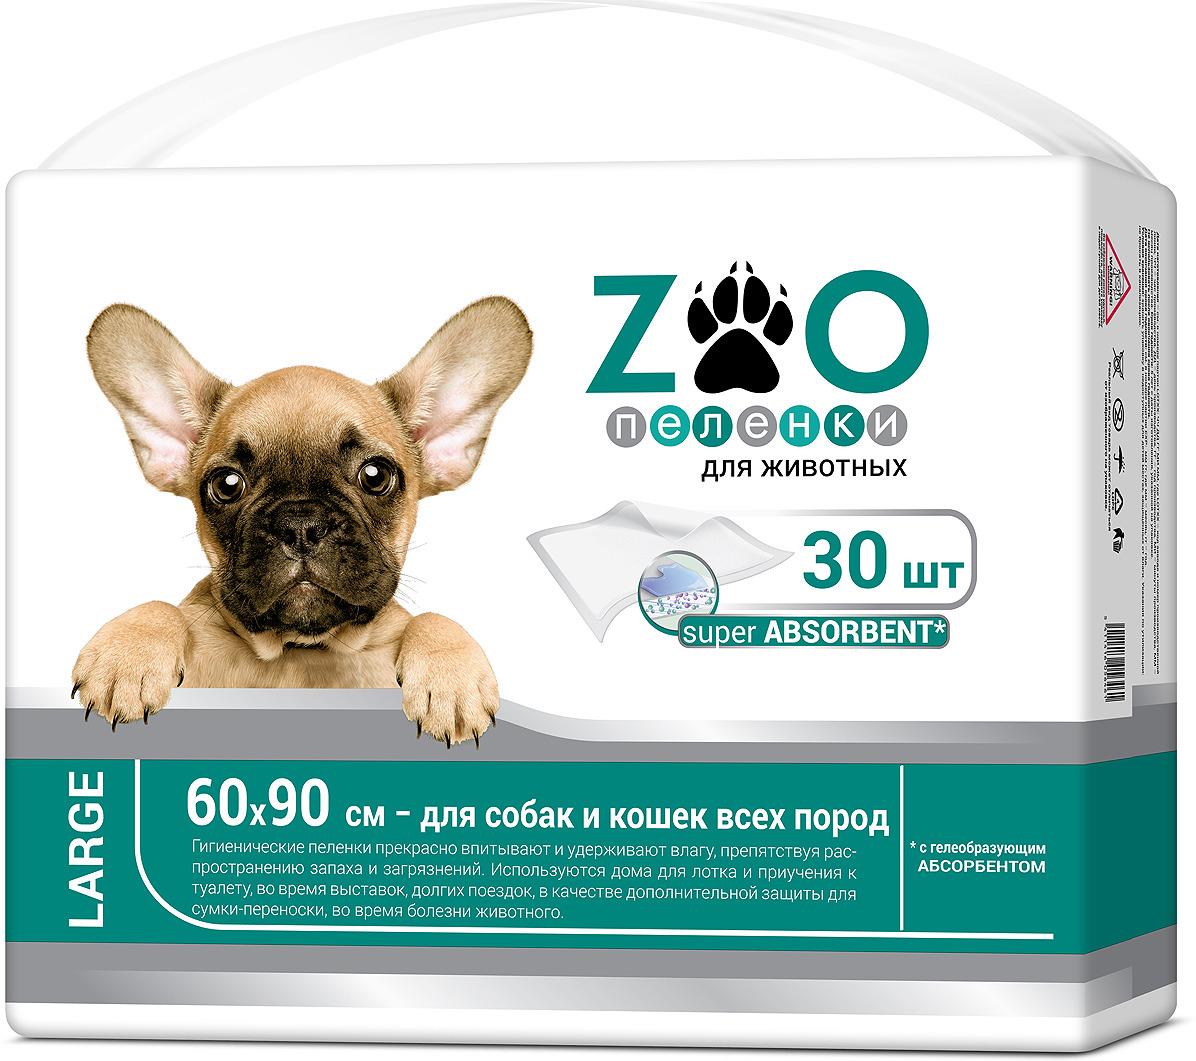 Пеленки для животных ZOO, одноразовые, впитывающие, 60 x 90 см, 30 шт